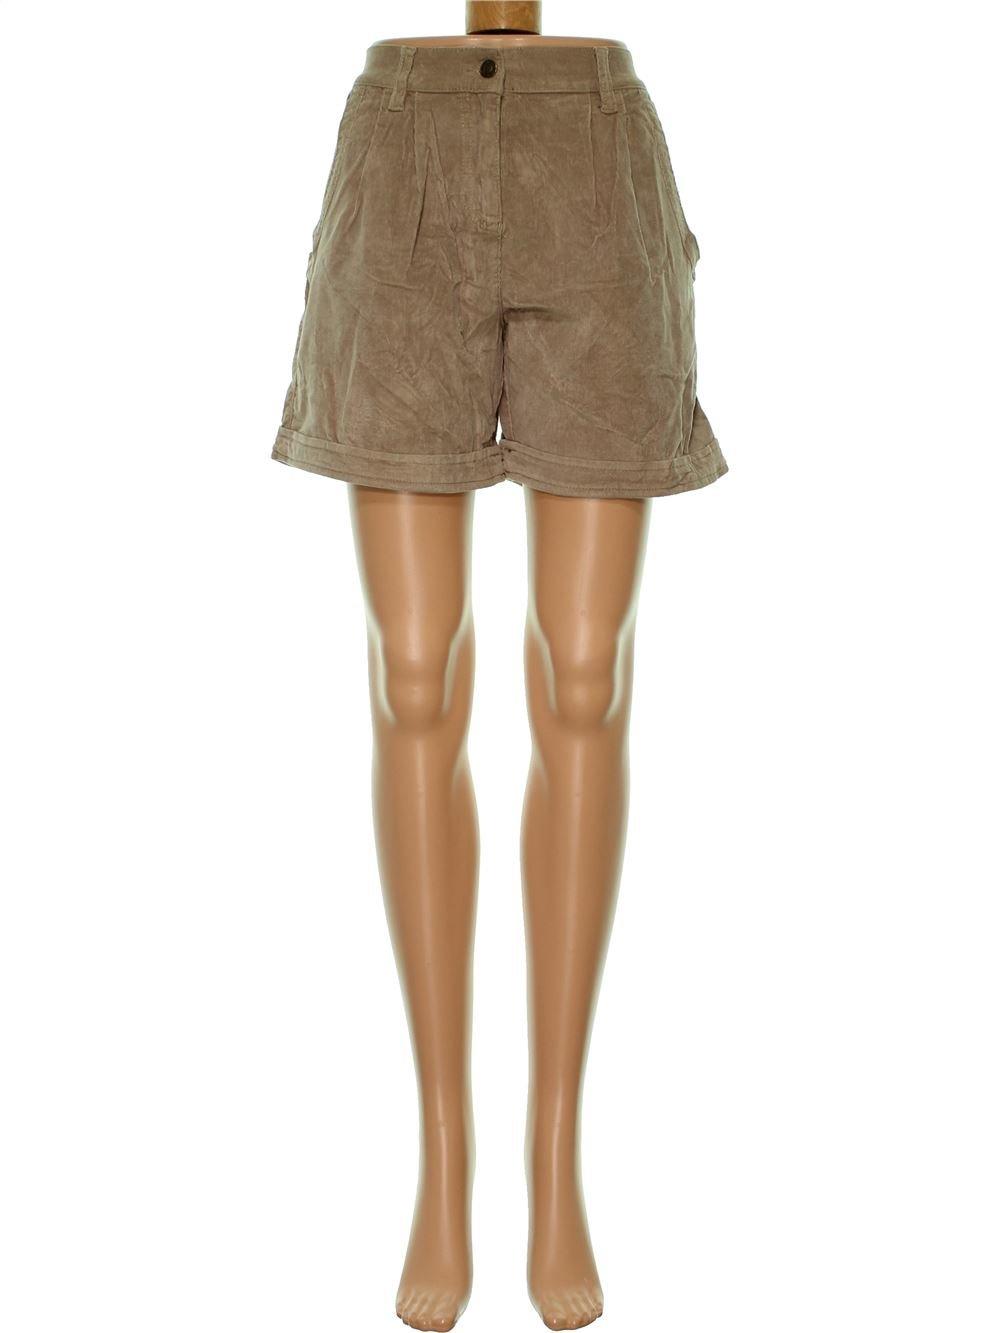 e9c30dfe256 Short femme caroll - Vetement fitness et mode